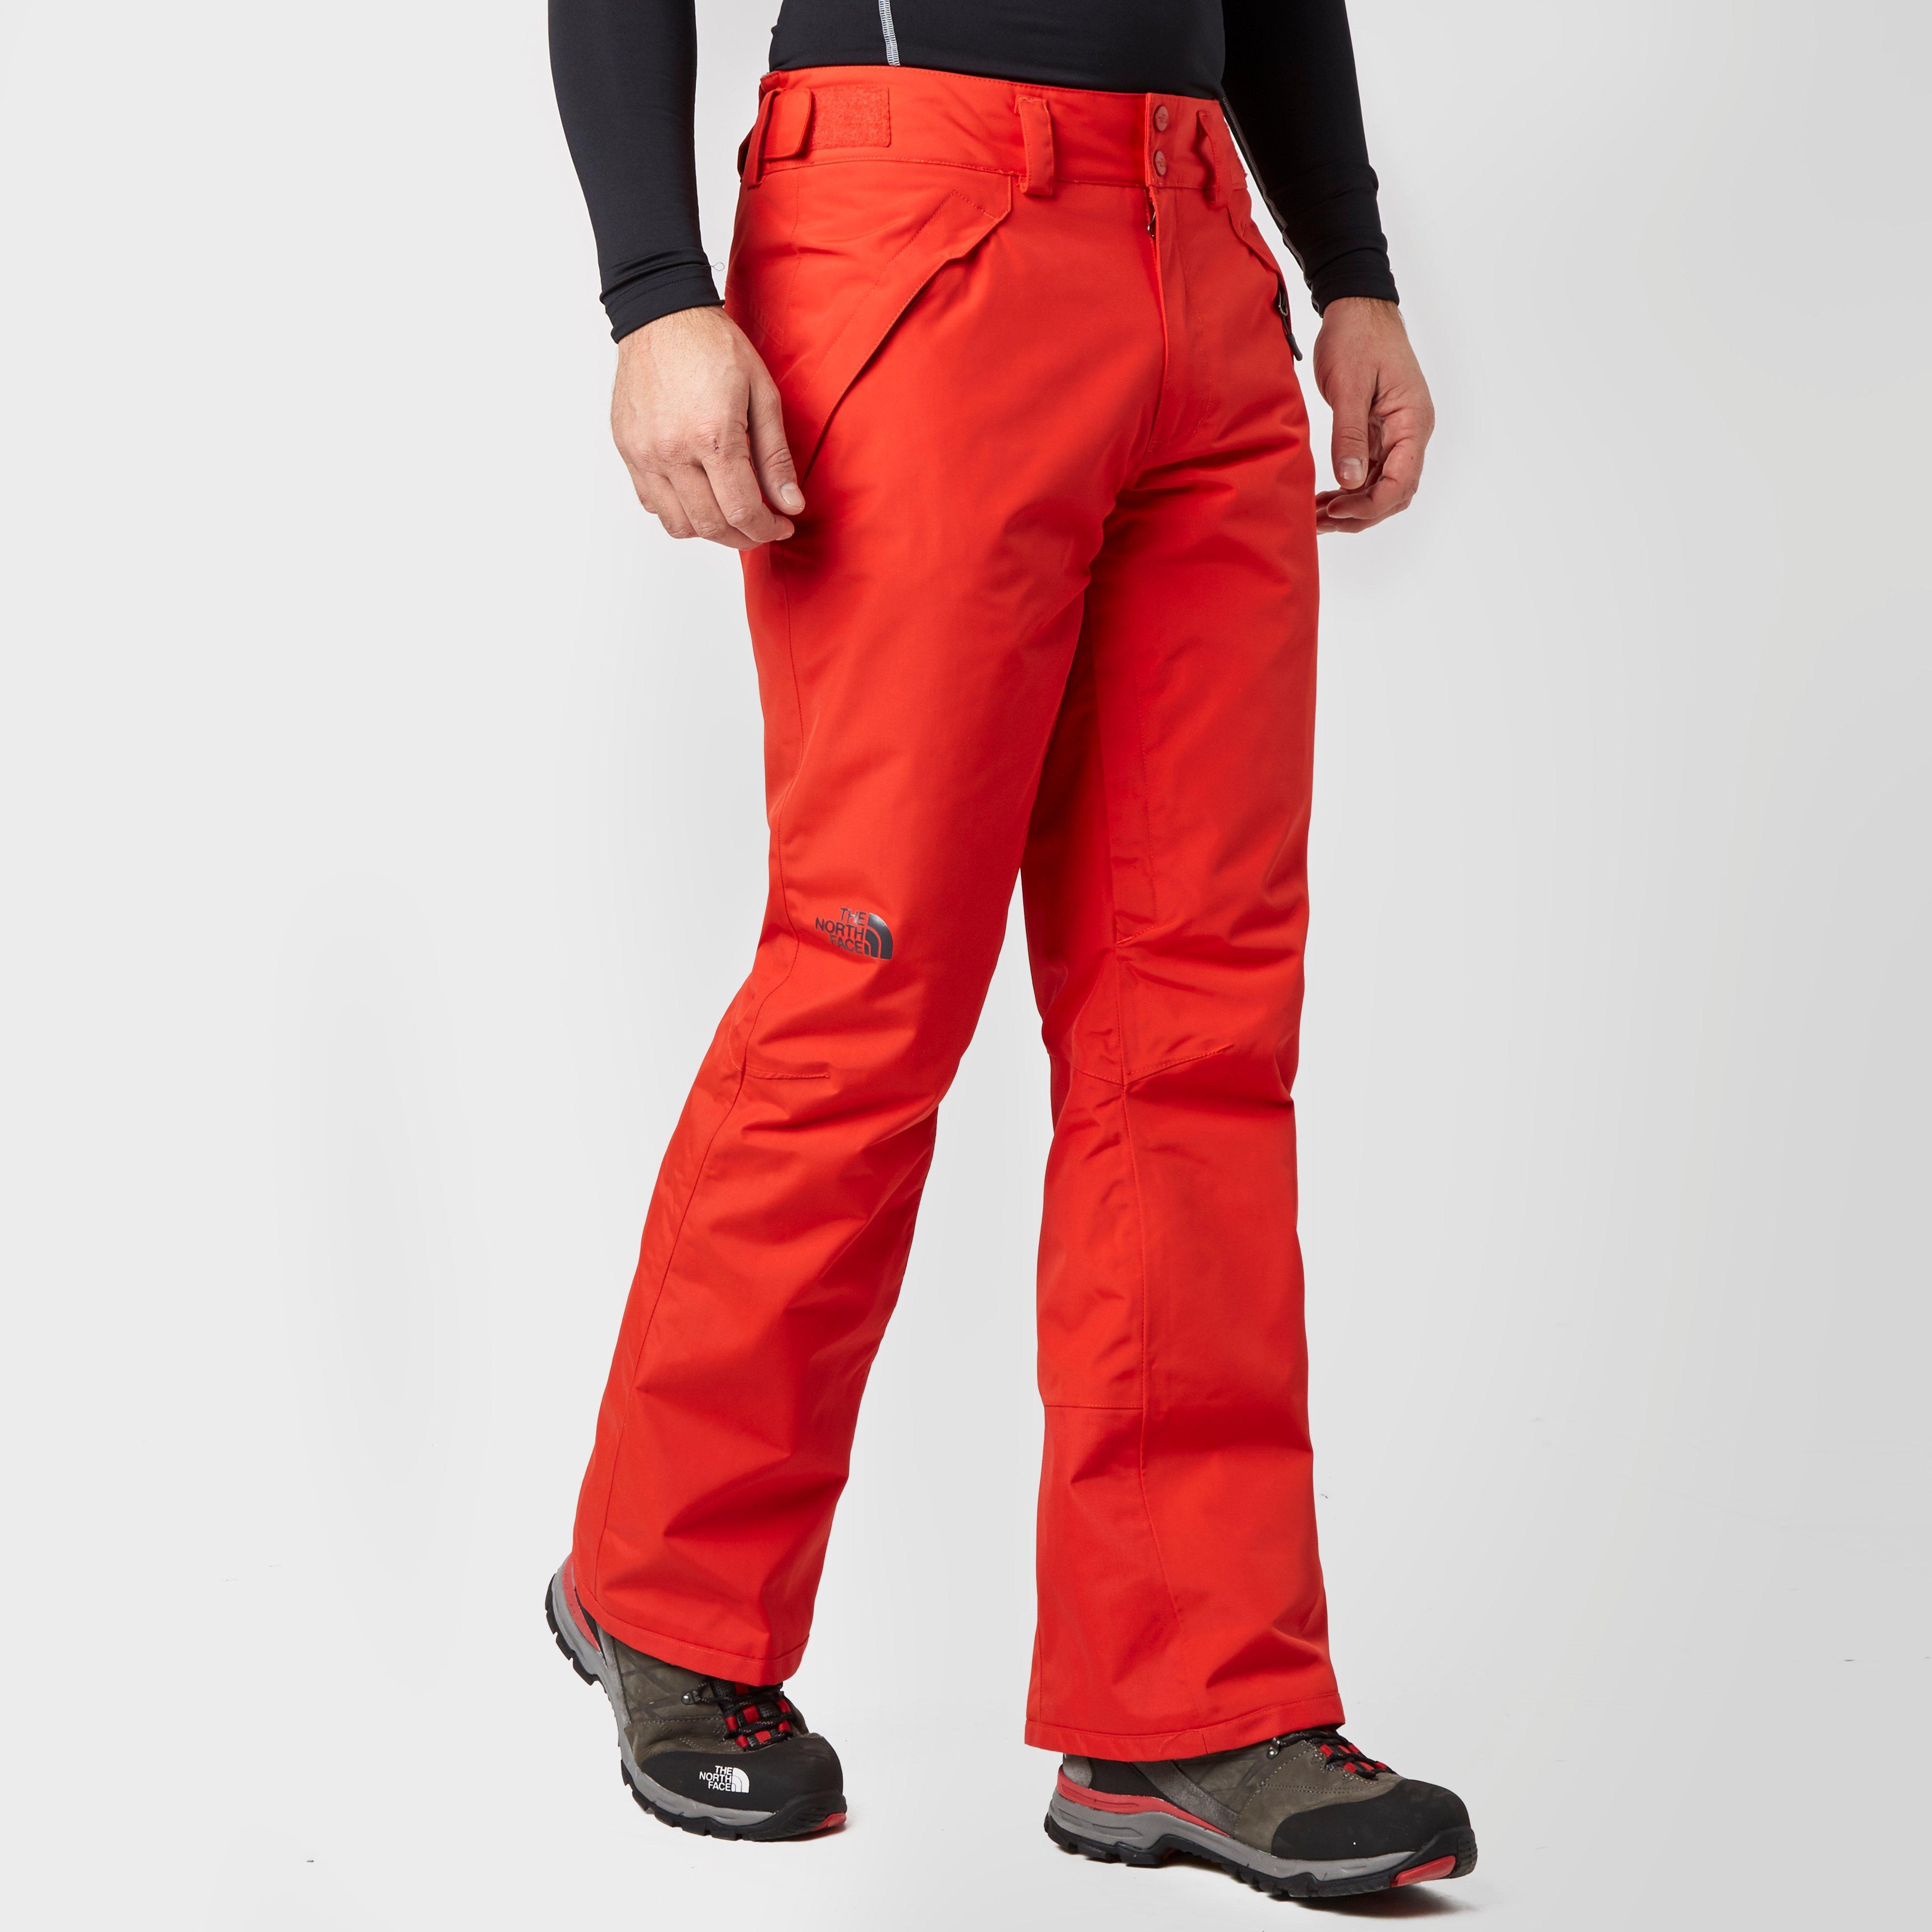 The North Face Mens Presena Ski Pants Red